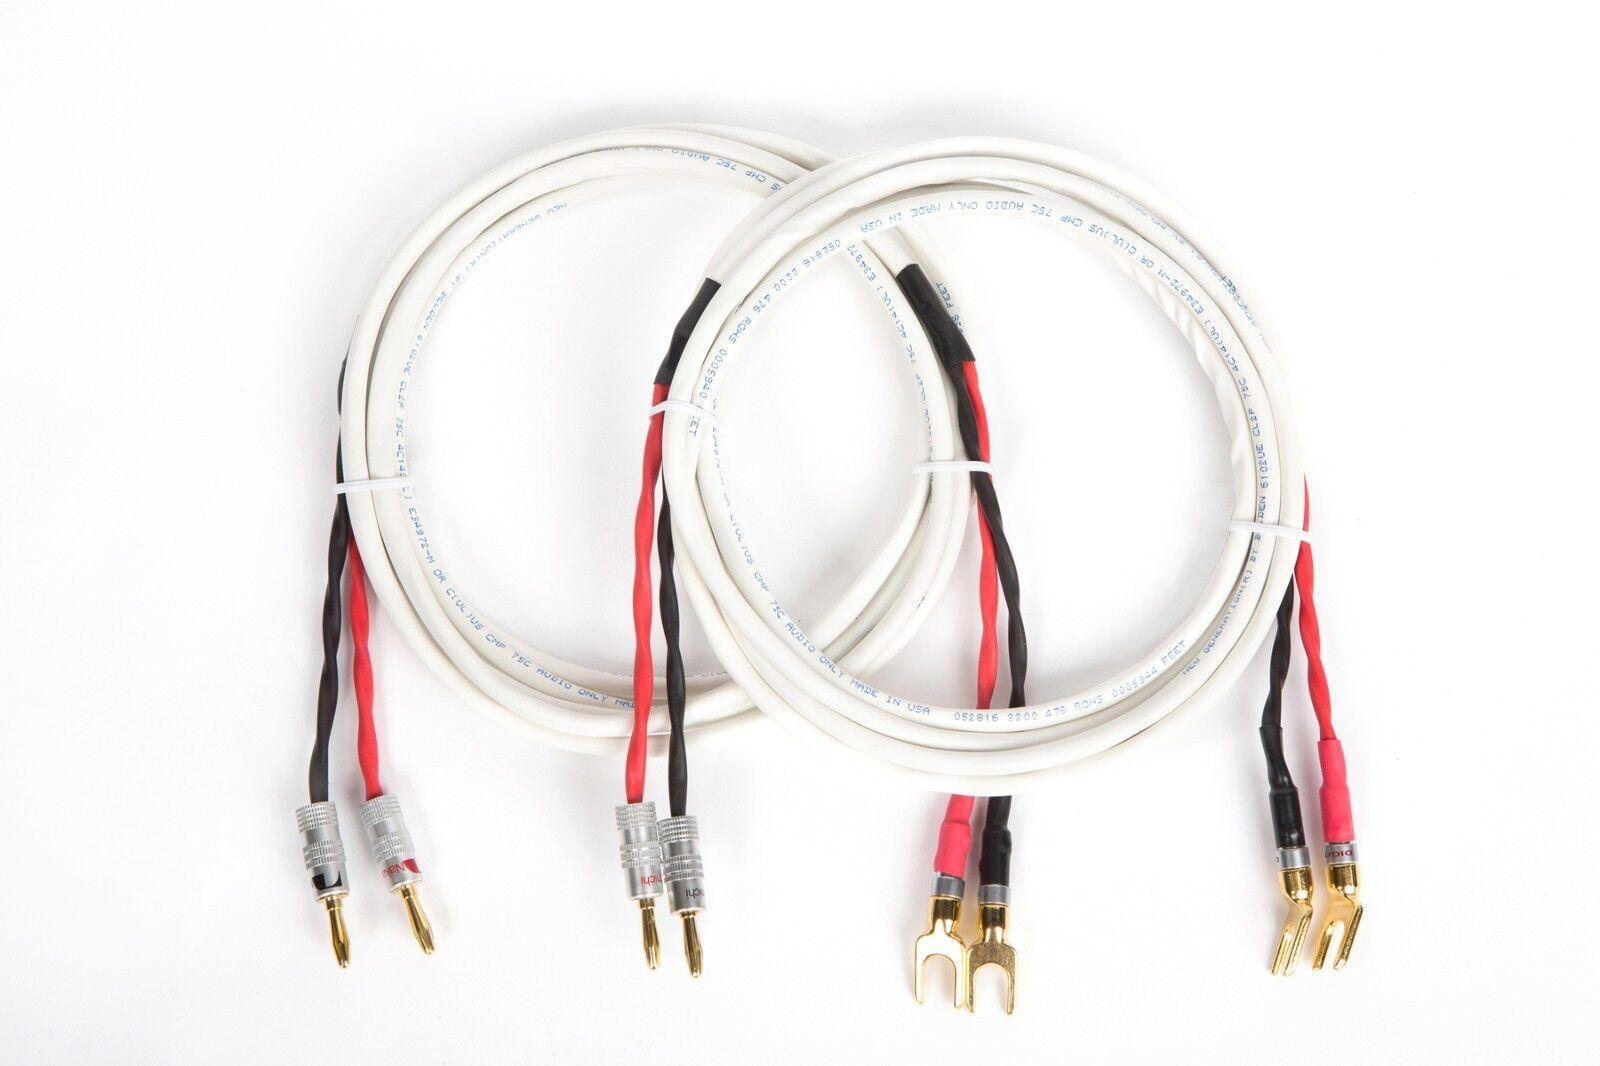 belden pure copper wire speaker cable 2